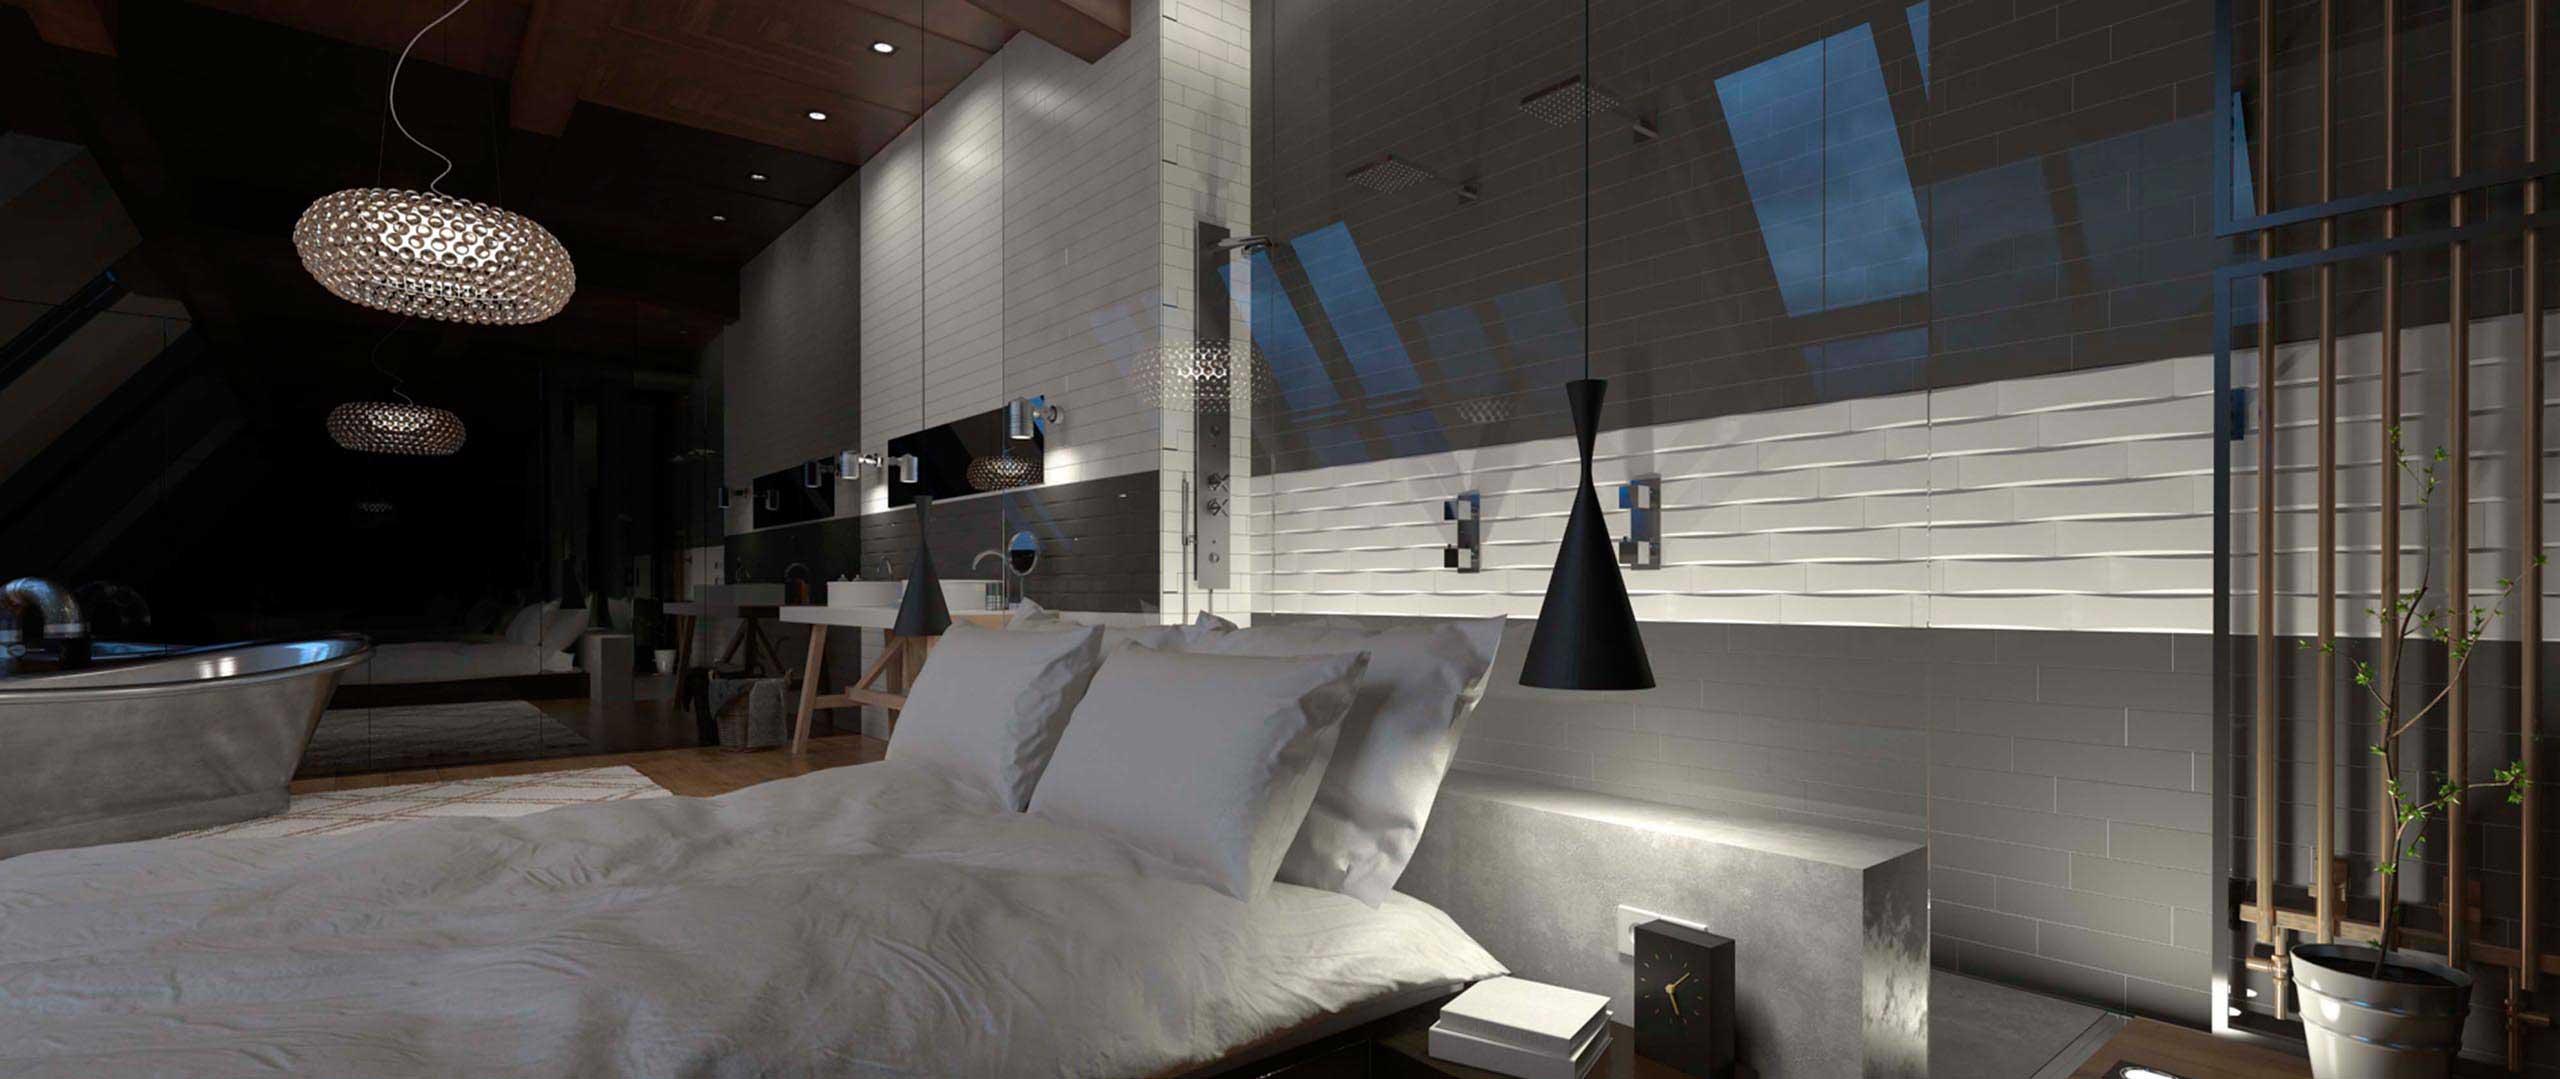 Płytki Wow Design dostępne w Internity Home